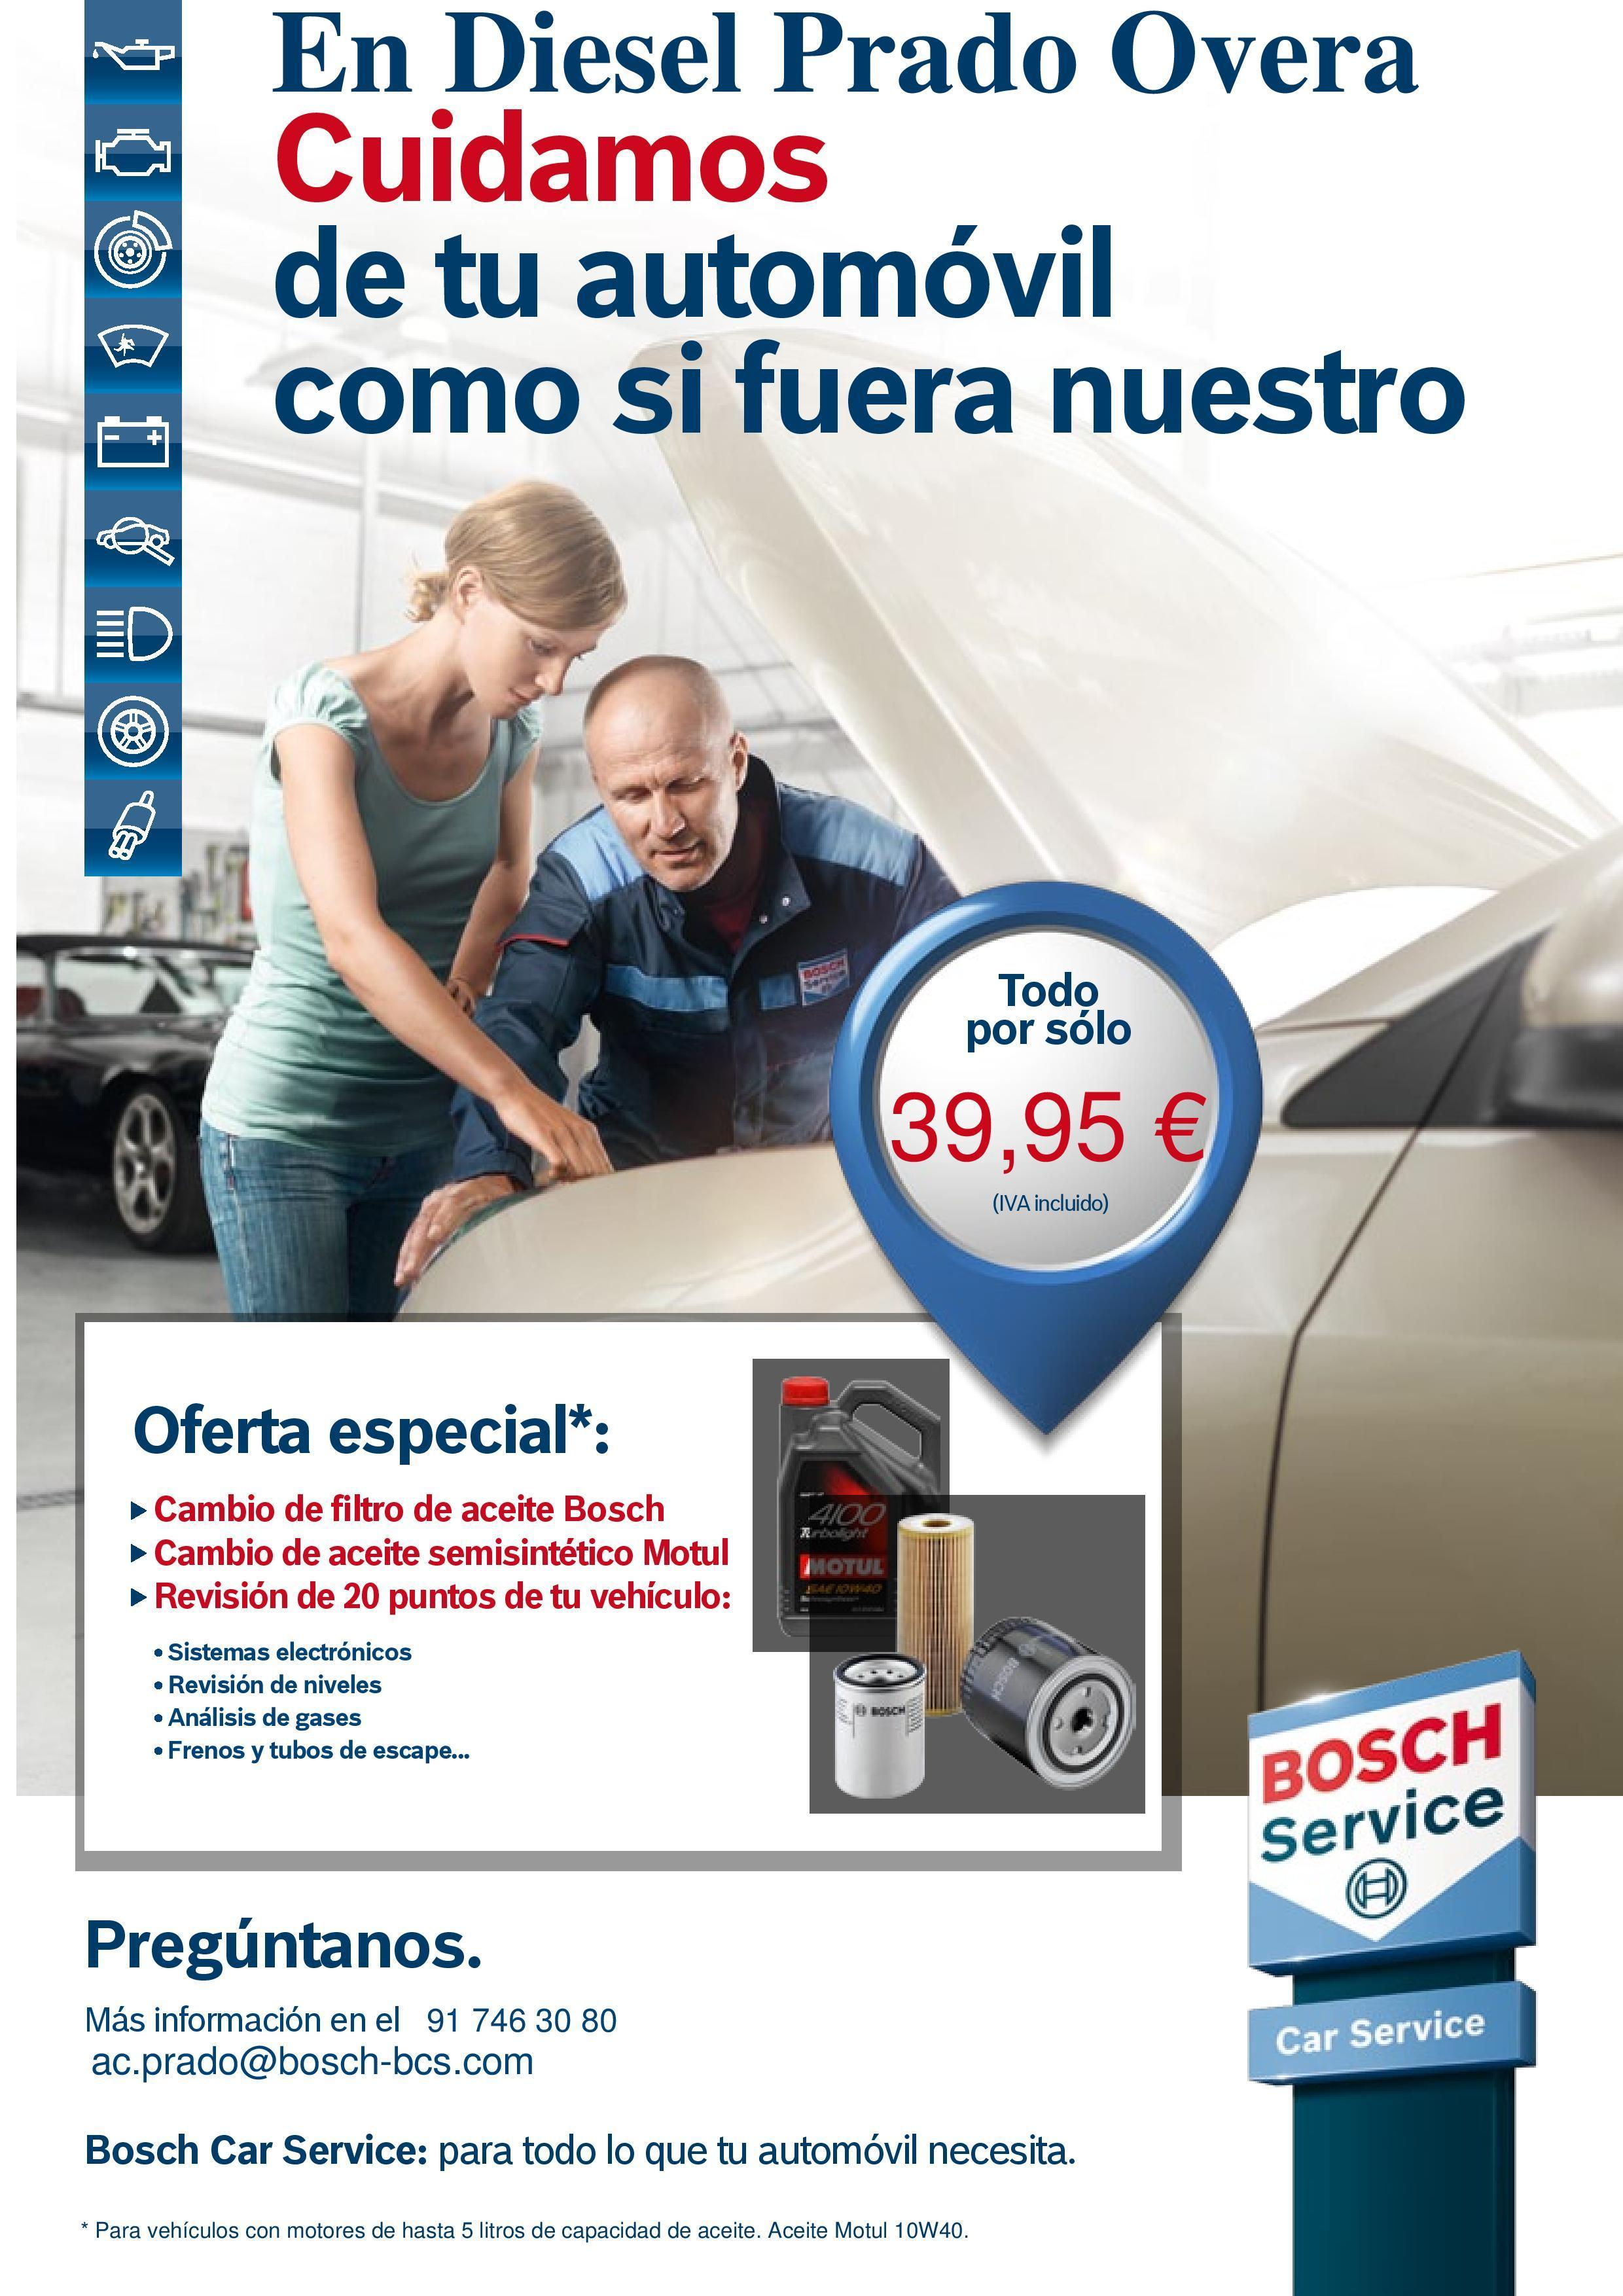 OFERTA CAMBIO DE ACEITE 10W40 Y FILTRO DE ACEITE BOSCH: Productos de Diesel Prado Overa